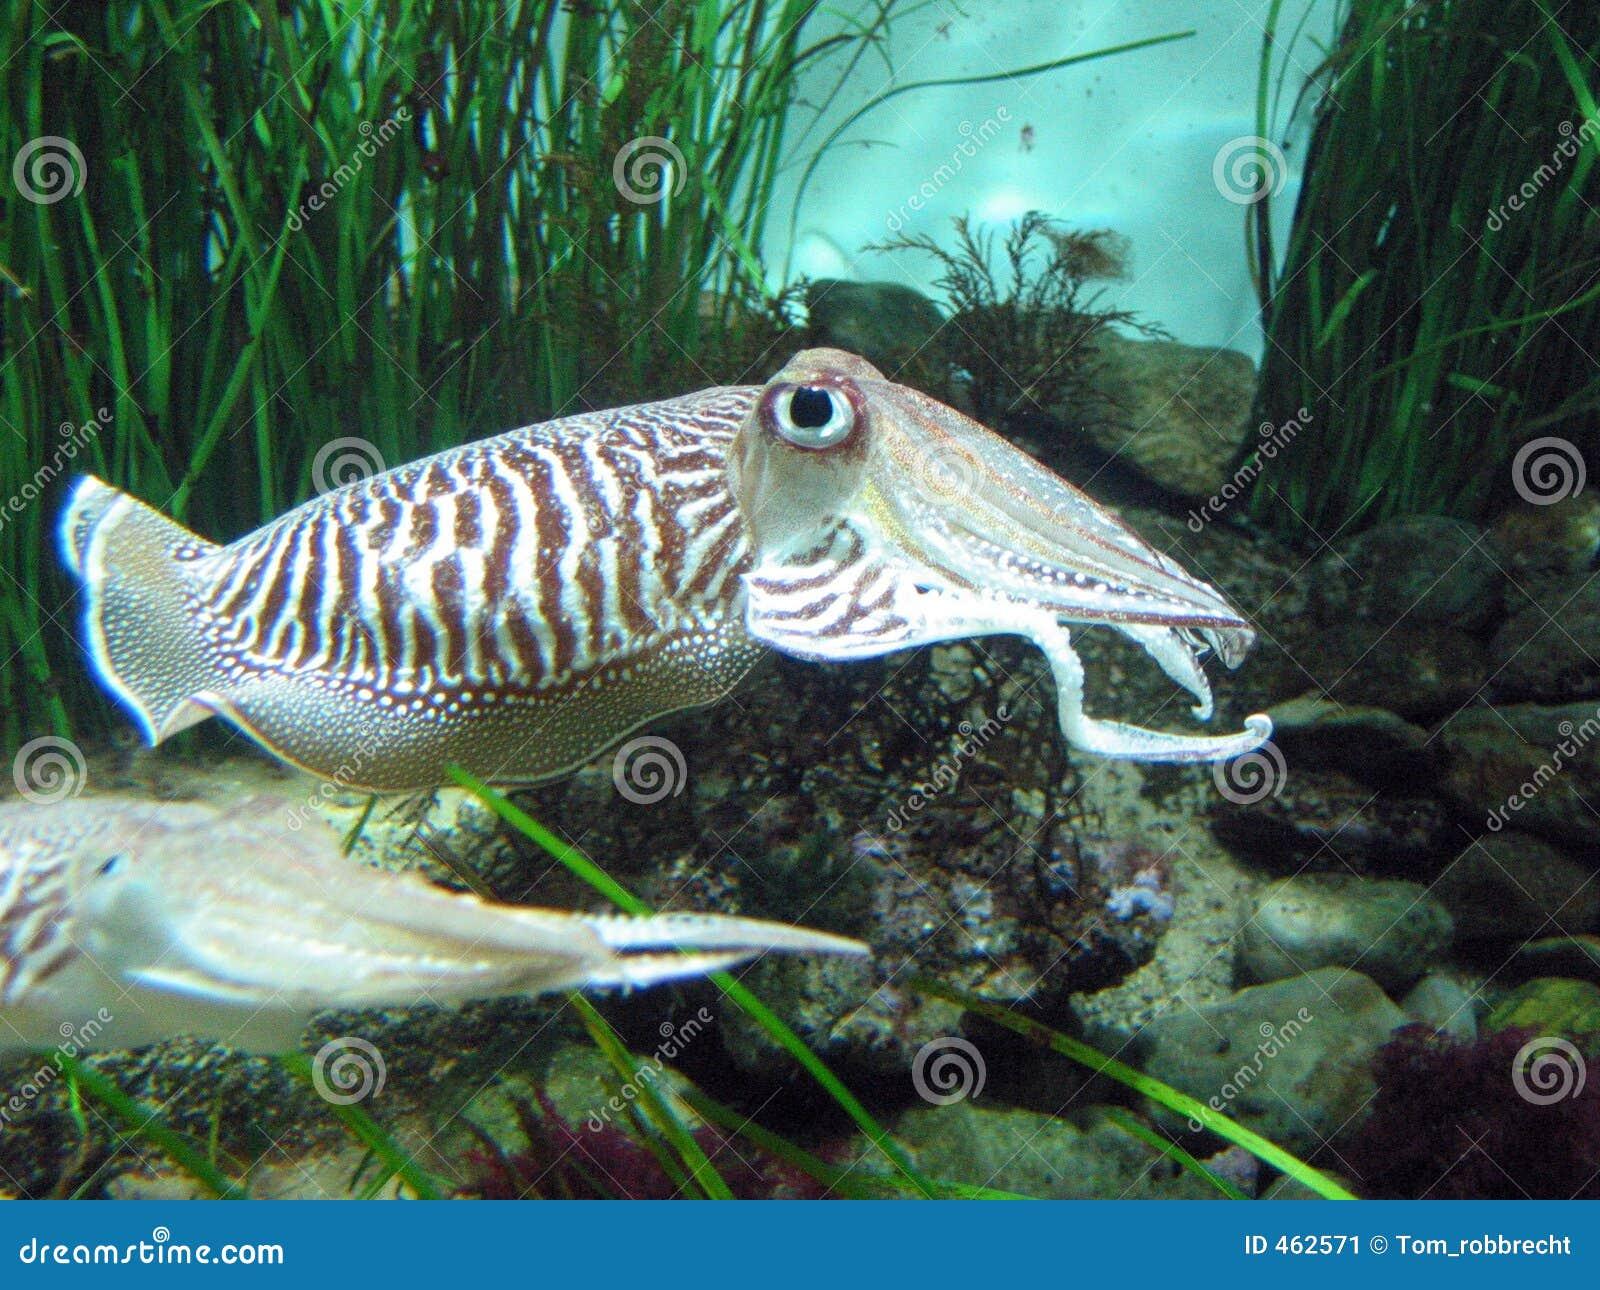 Download Squid stock image. Image of mollusk, fishing, nature, aquarium - 462571